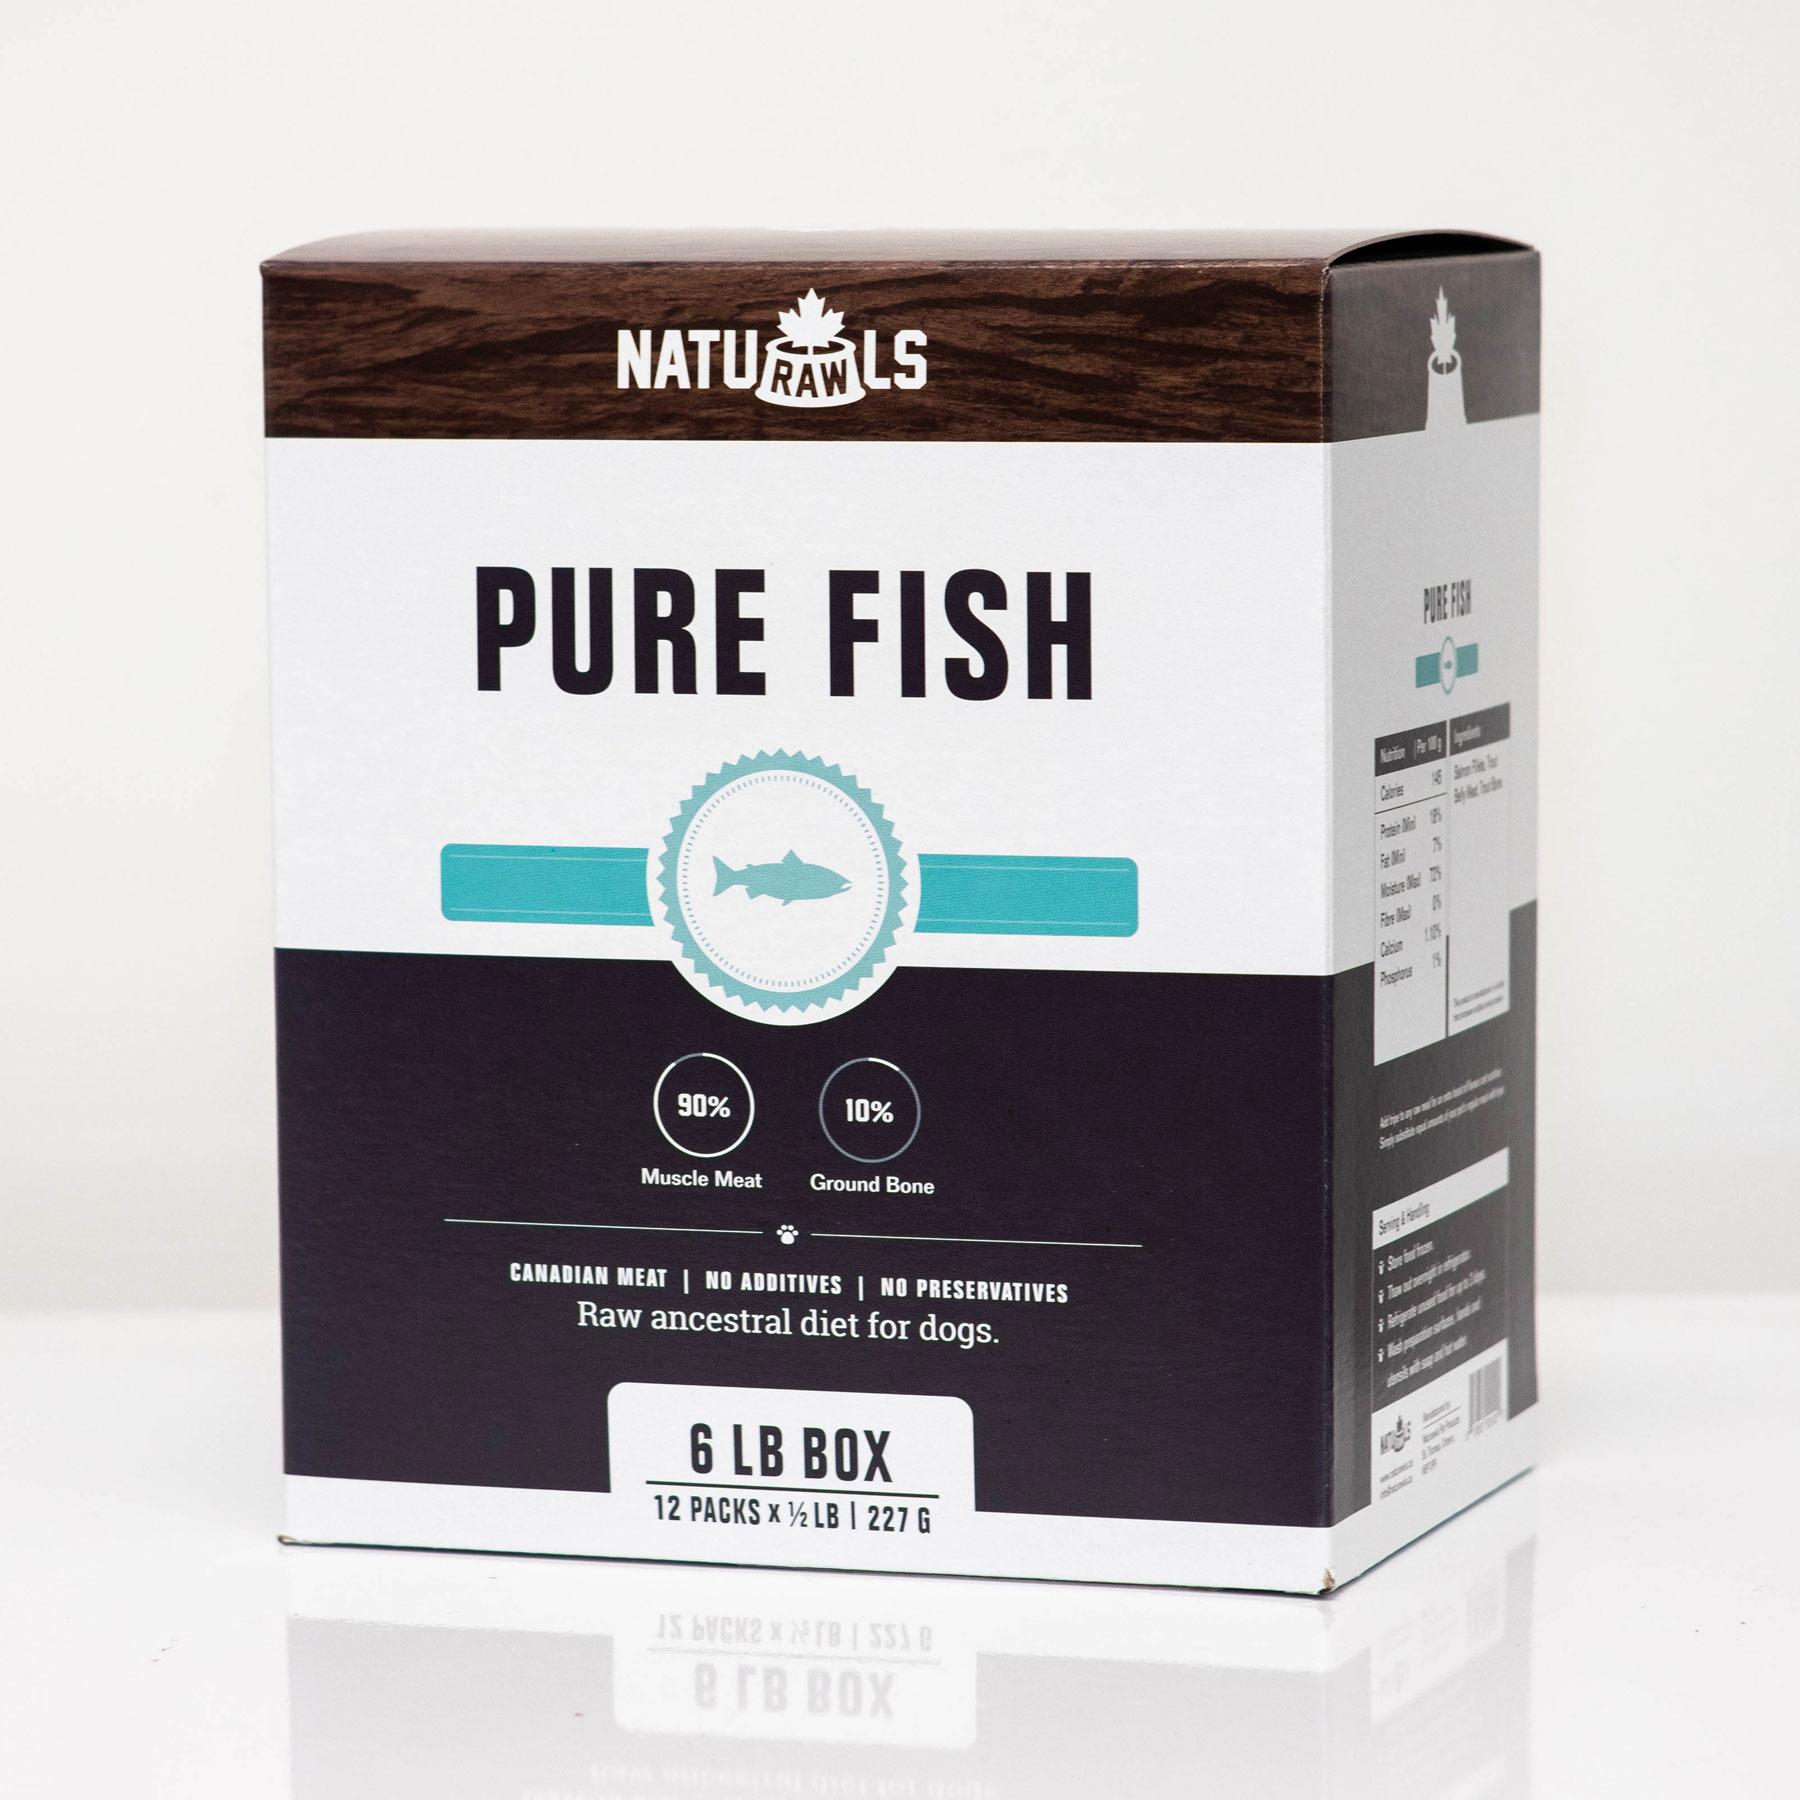 Naturawls Pure Fish Raw Dog Food Image